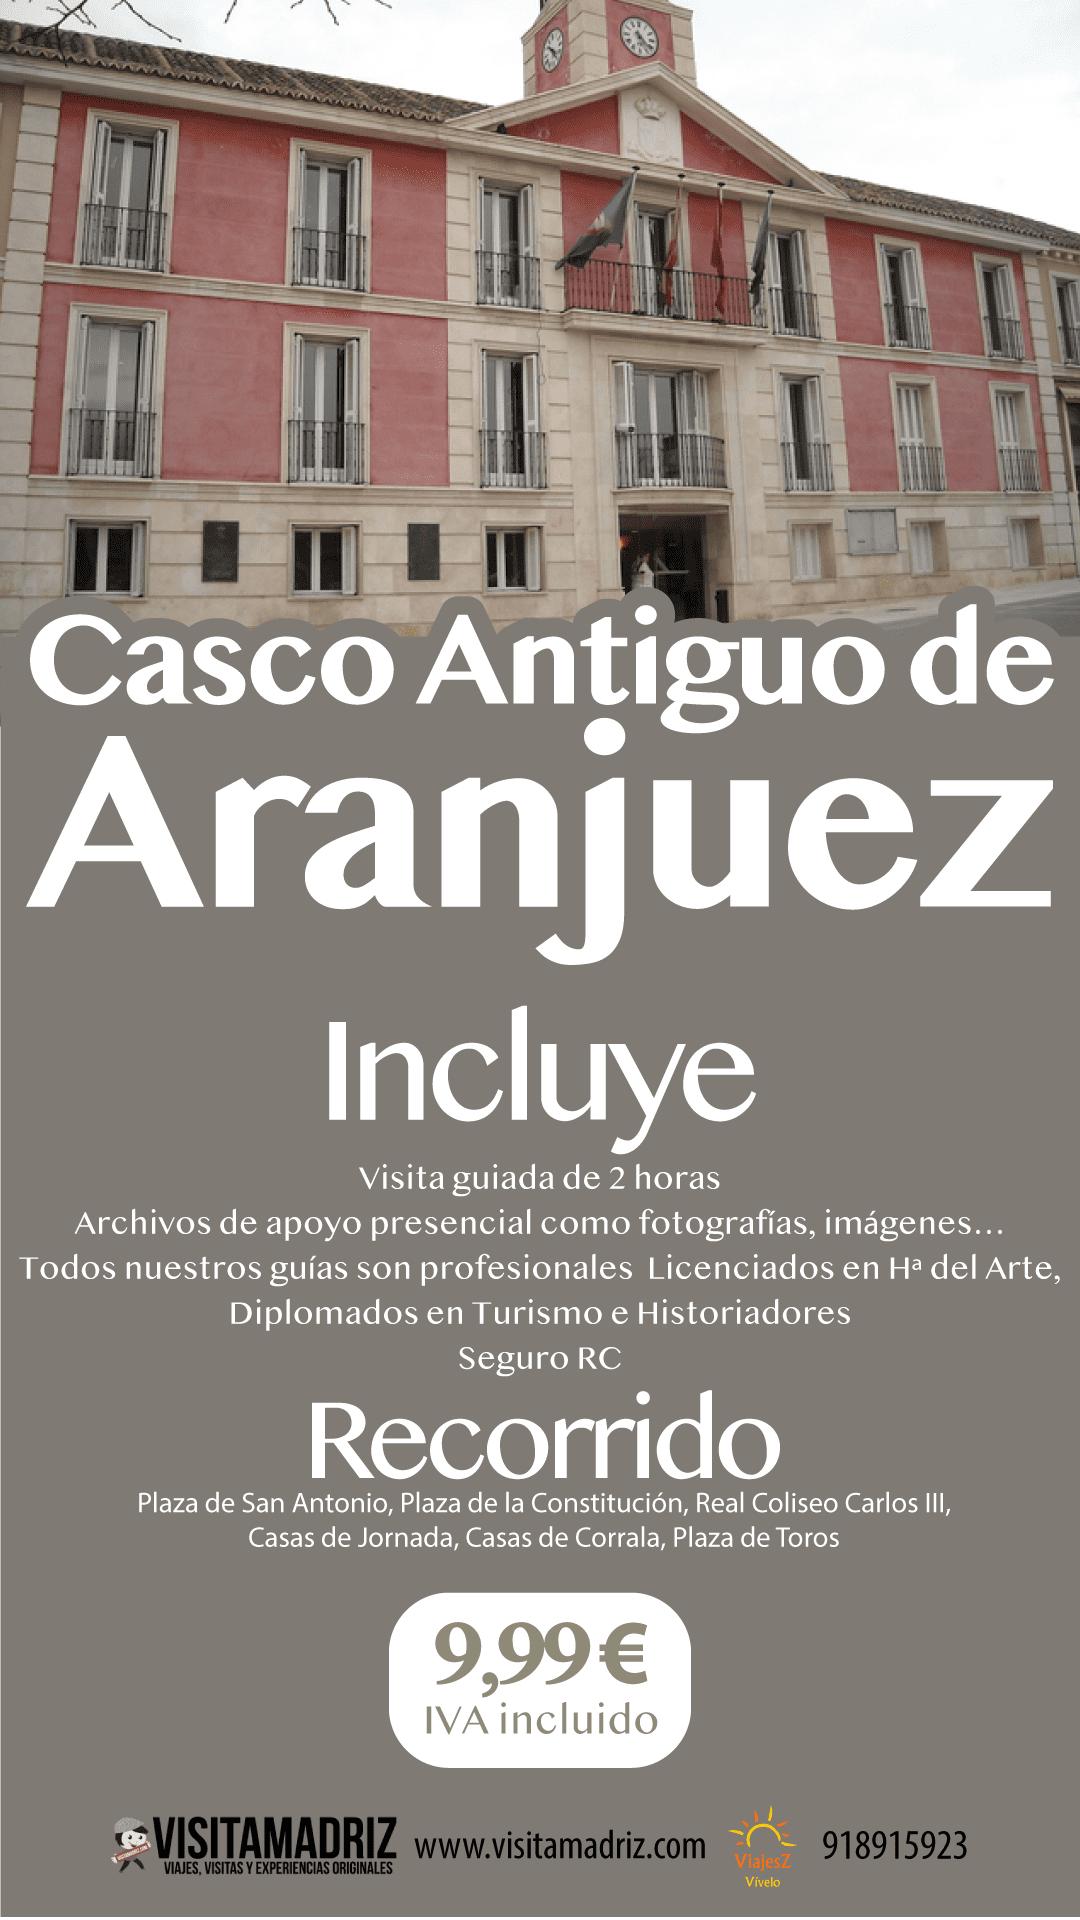 Visita Casco Antiguo Aranjuez